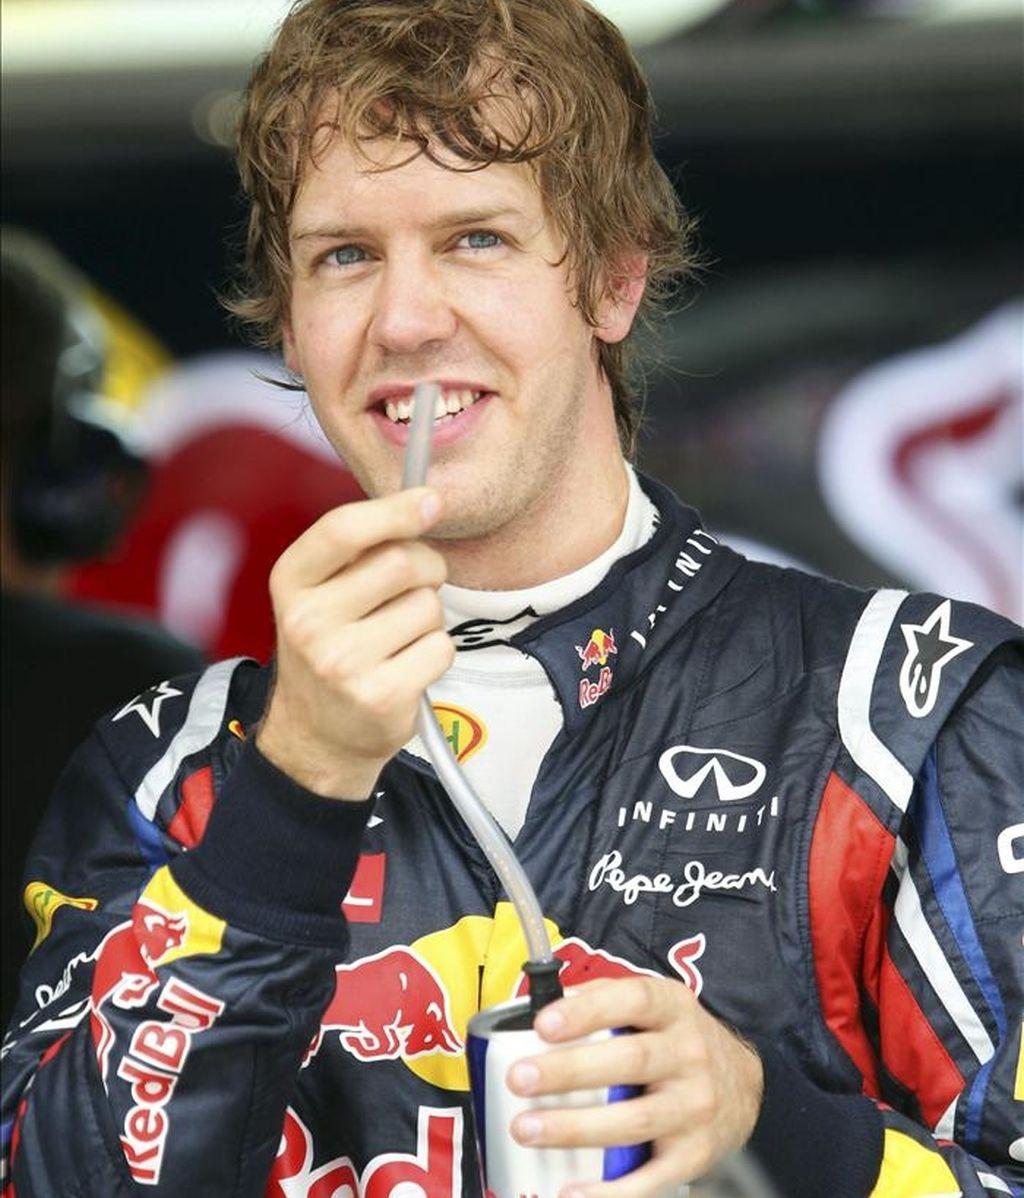 El piloto alemán de Fórmula Uno Sebastian Vettel, de la escudería Red Bull Racing, saluda a sus aficionados tras correr la segunda sesión de entrenamiento celebrada en el circuito internacional de Shanghái (China). El Gran Premio de Shanghái de Fórmula Uno se disputa este fin de semana en Shanghái. EFE